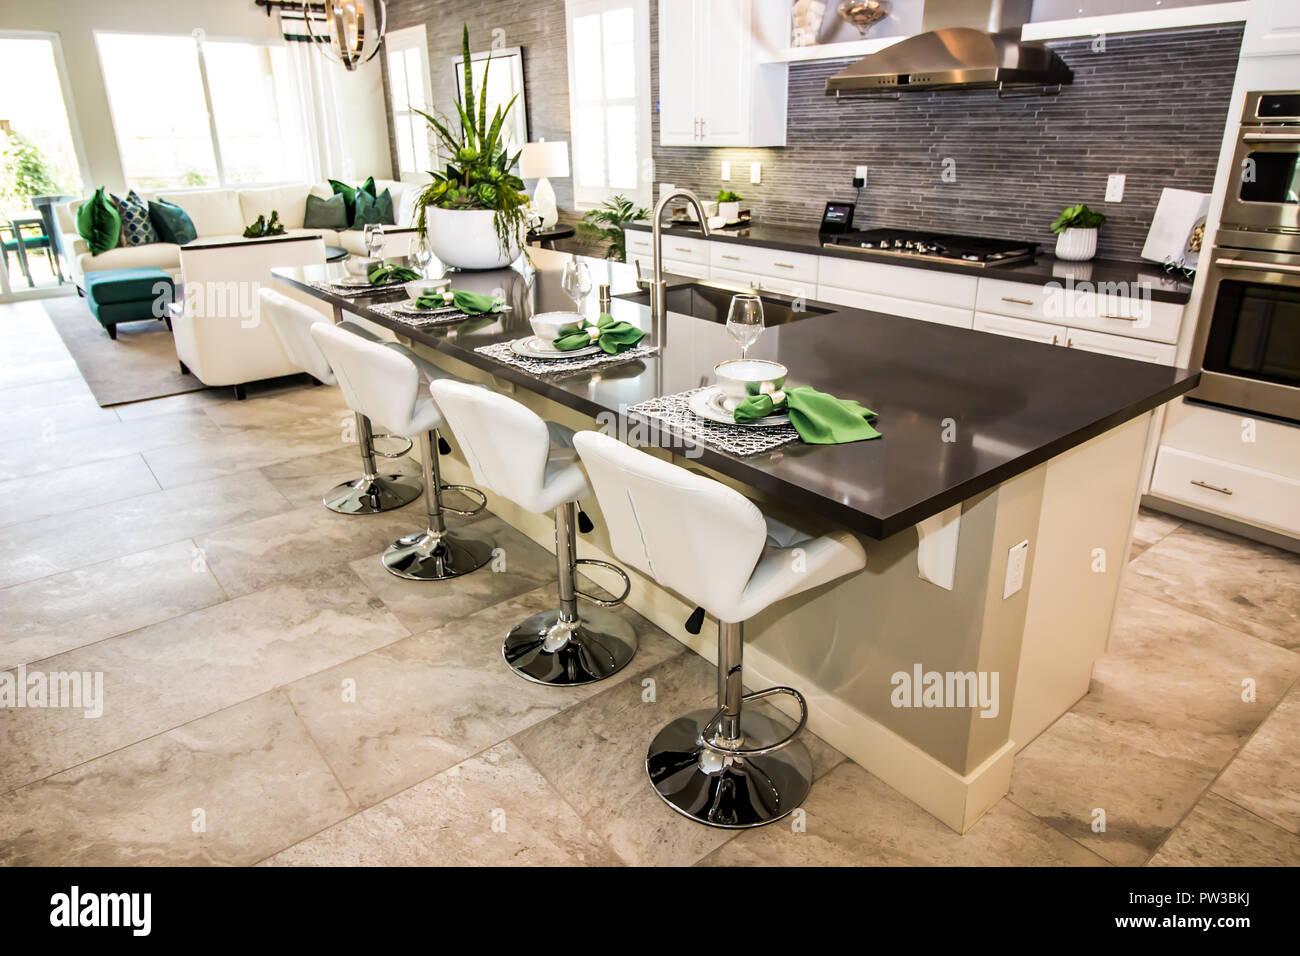 Moderne Küche mit Insel Counter Bar und Hocker Stockfoto, Bild ...